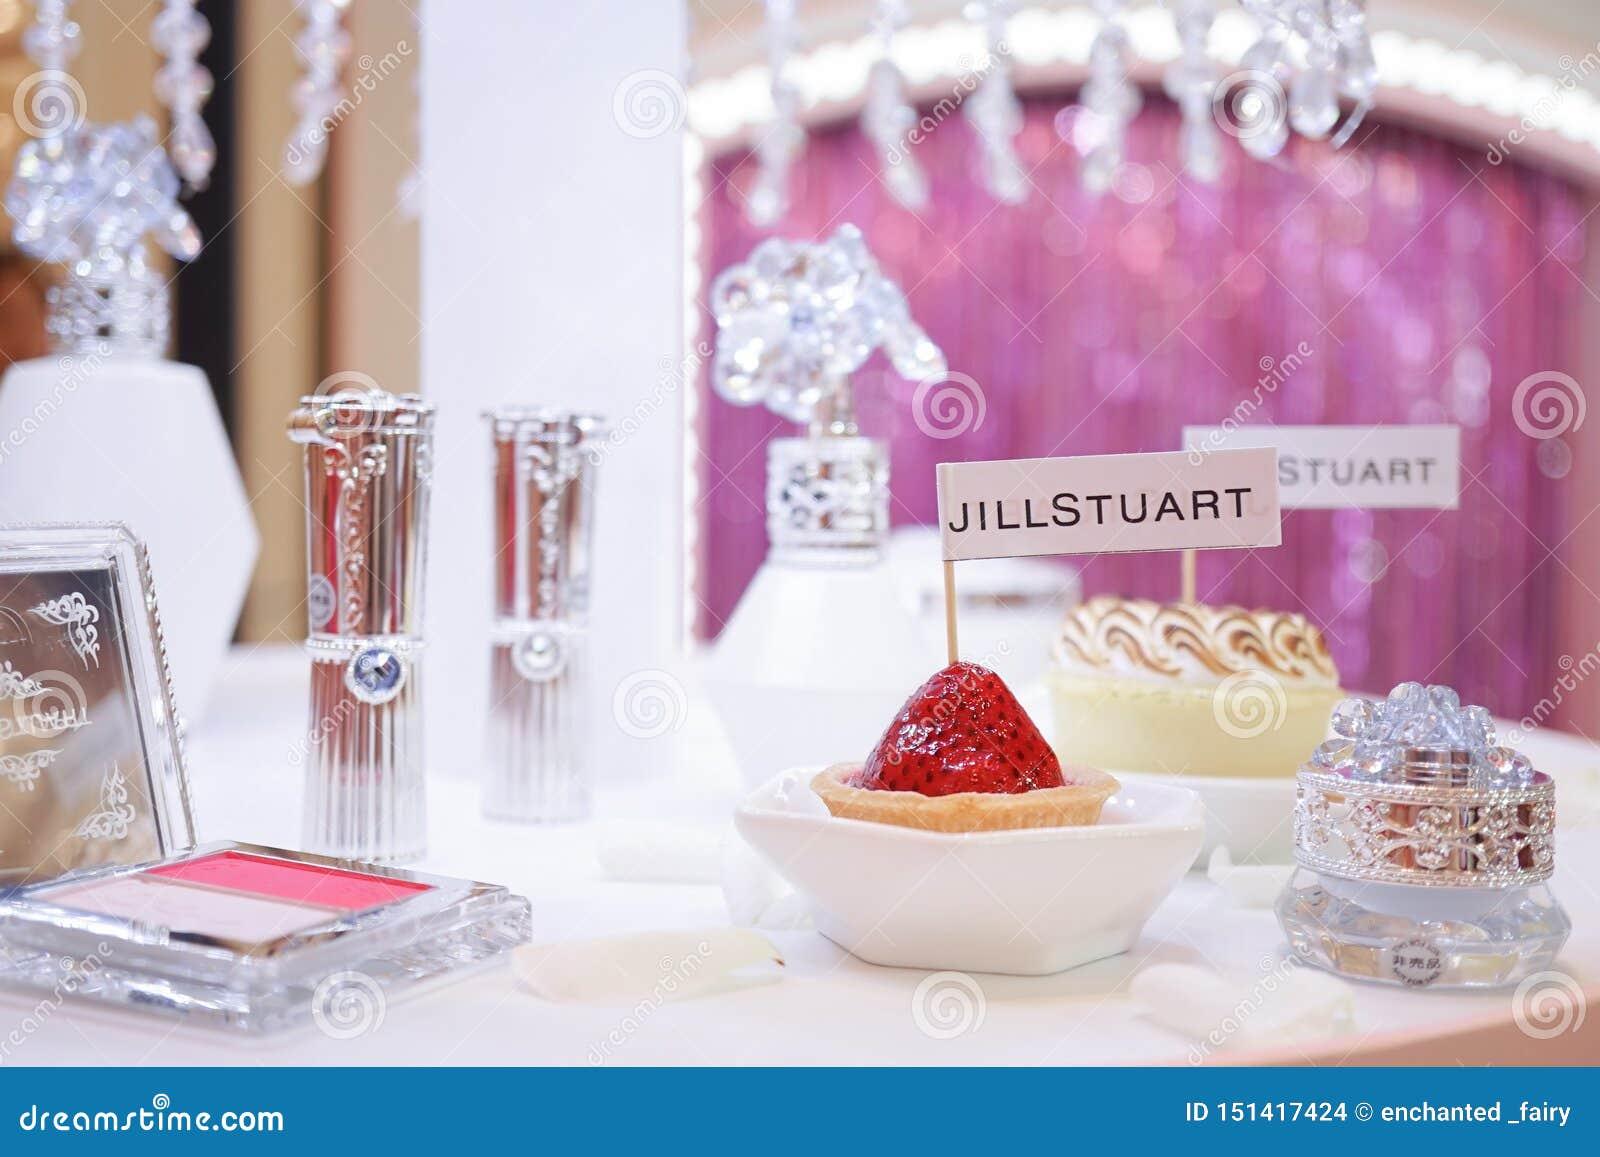 Uma foto da conferência de imprensa de Jillstuart com seus anúncio da coleção do produto novo e mini sobremesa,